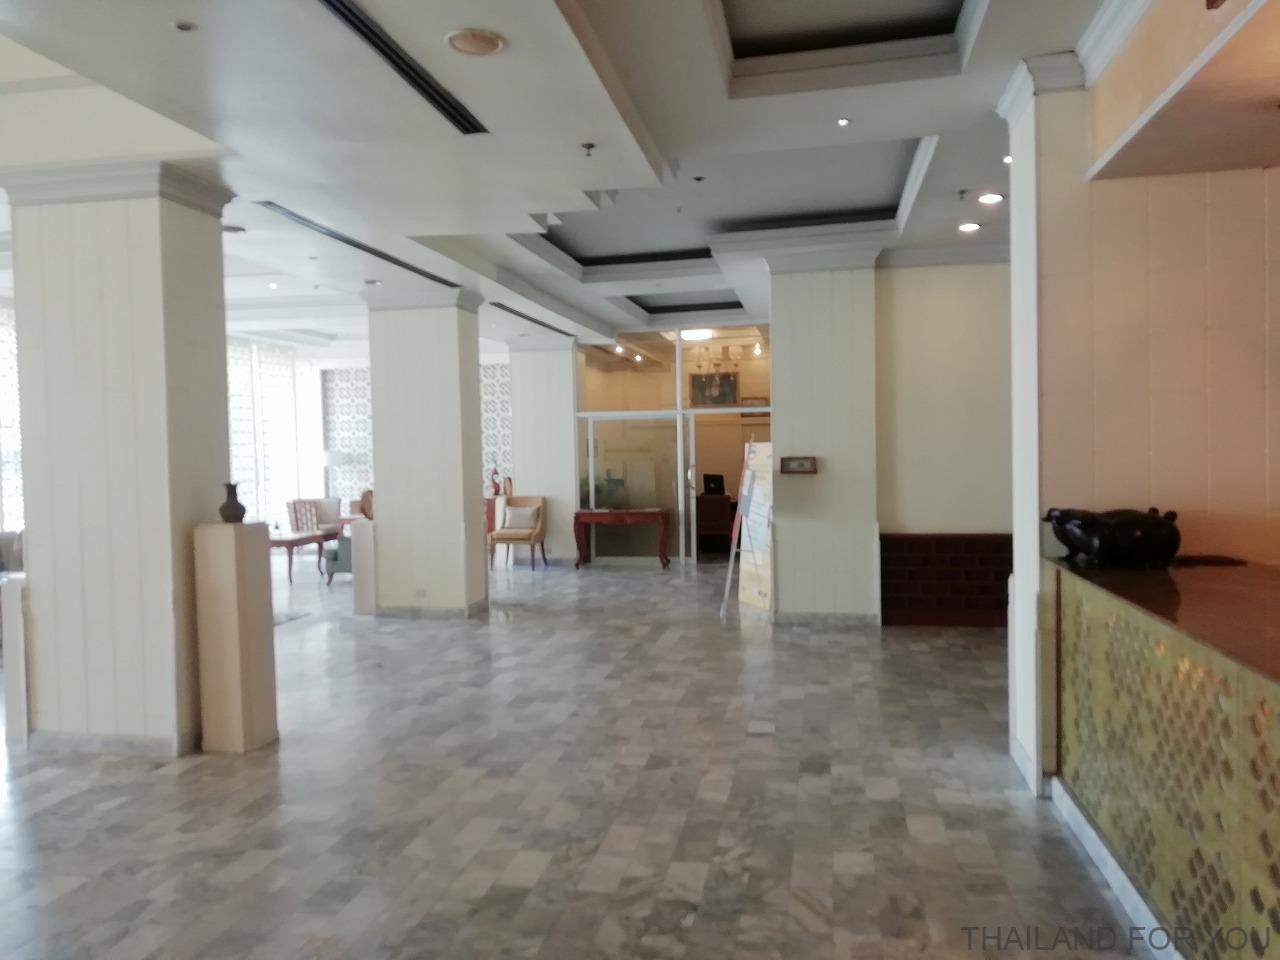 プロイパレスホテル ムクダハーン